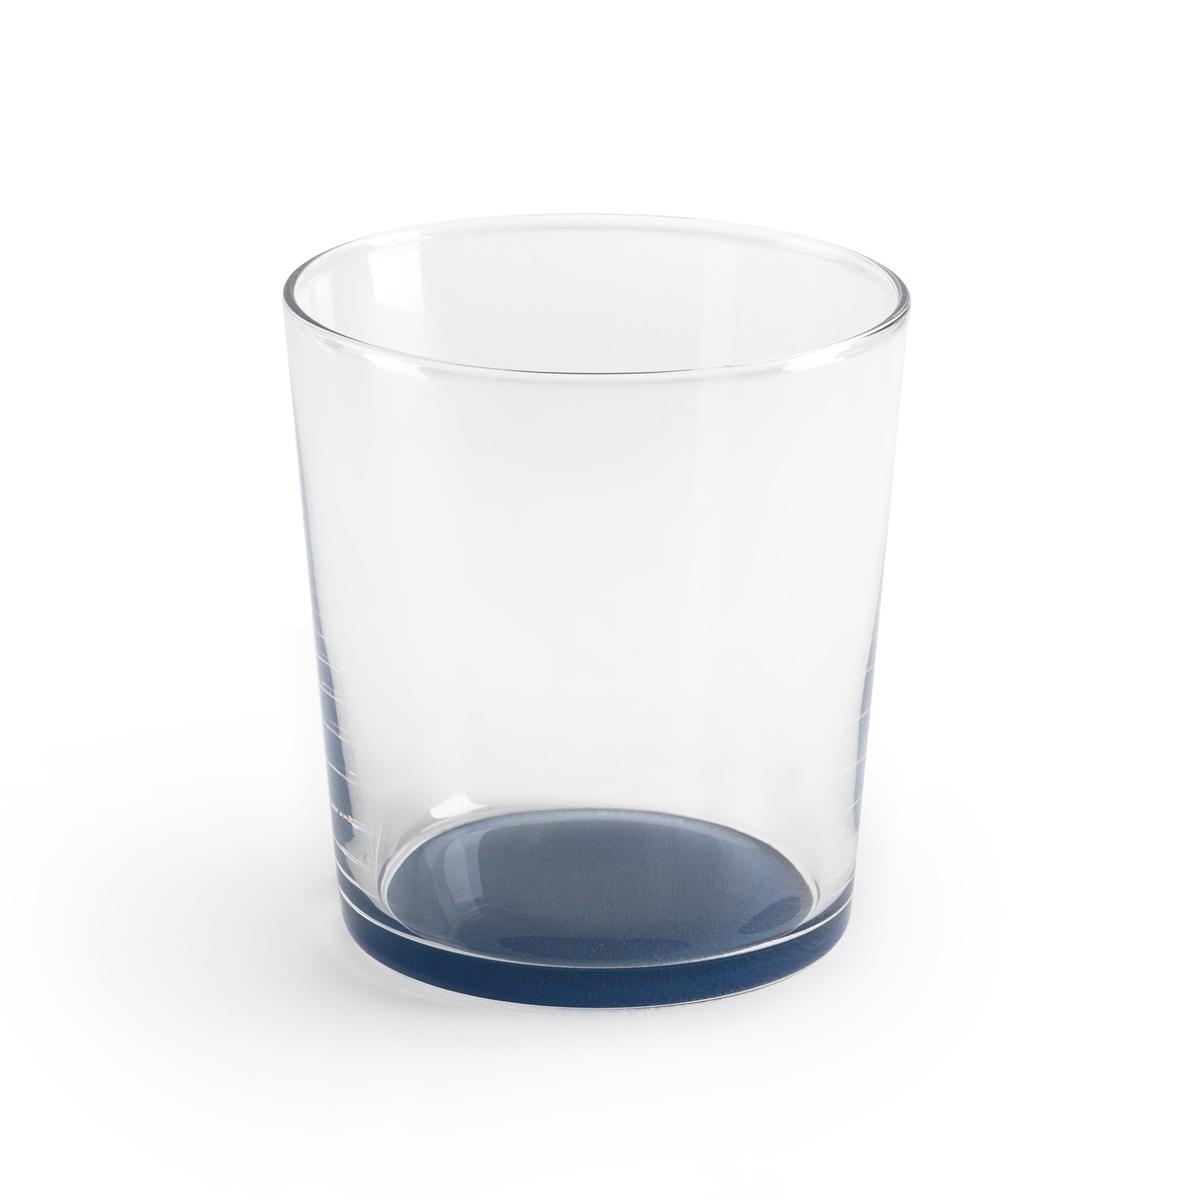 Комплект из бокалов с La Redoute Цветным дном LASIALE единый размер синий бокала la redoute для шампанского lurik единый размер другие